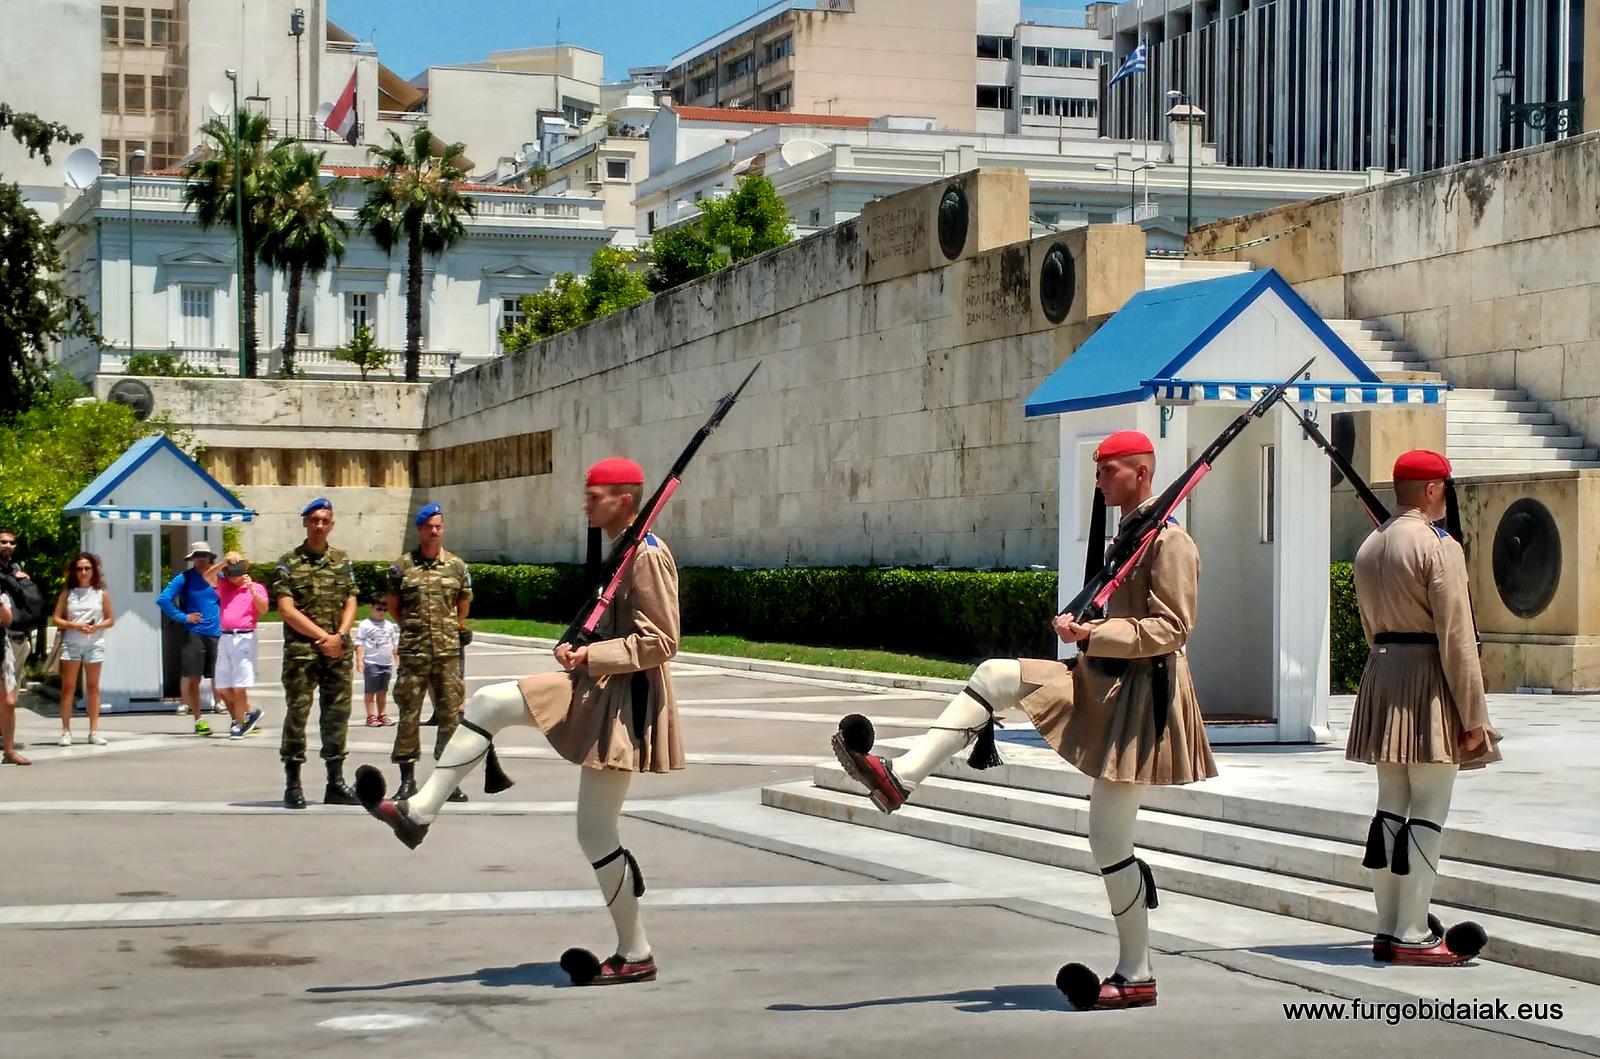 Cambio de guardia, Palza Sintagma, Atenas, Grecia